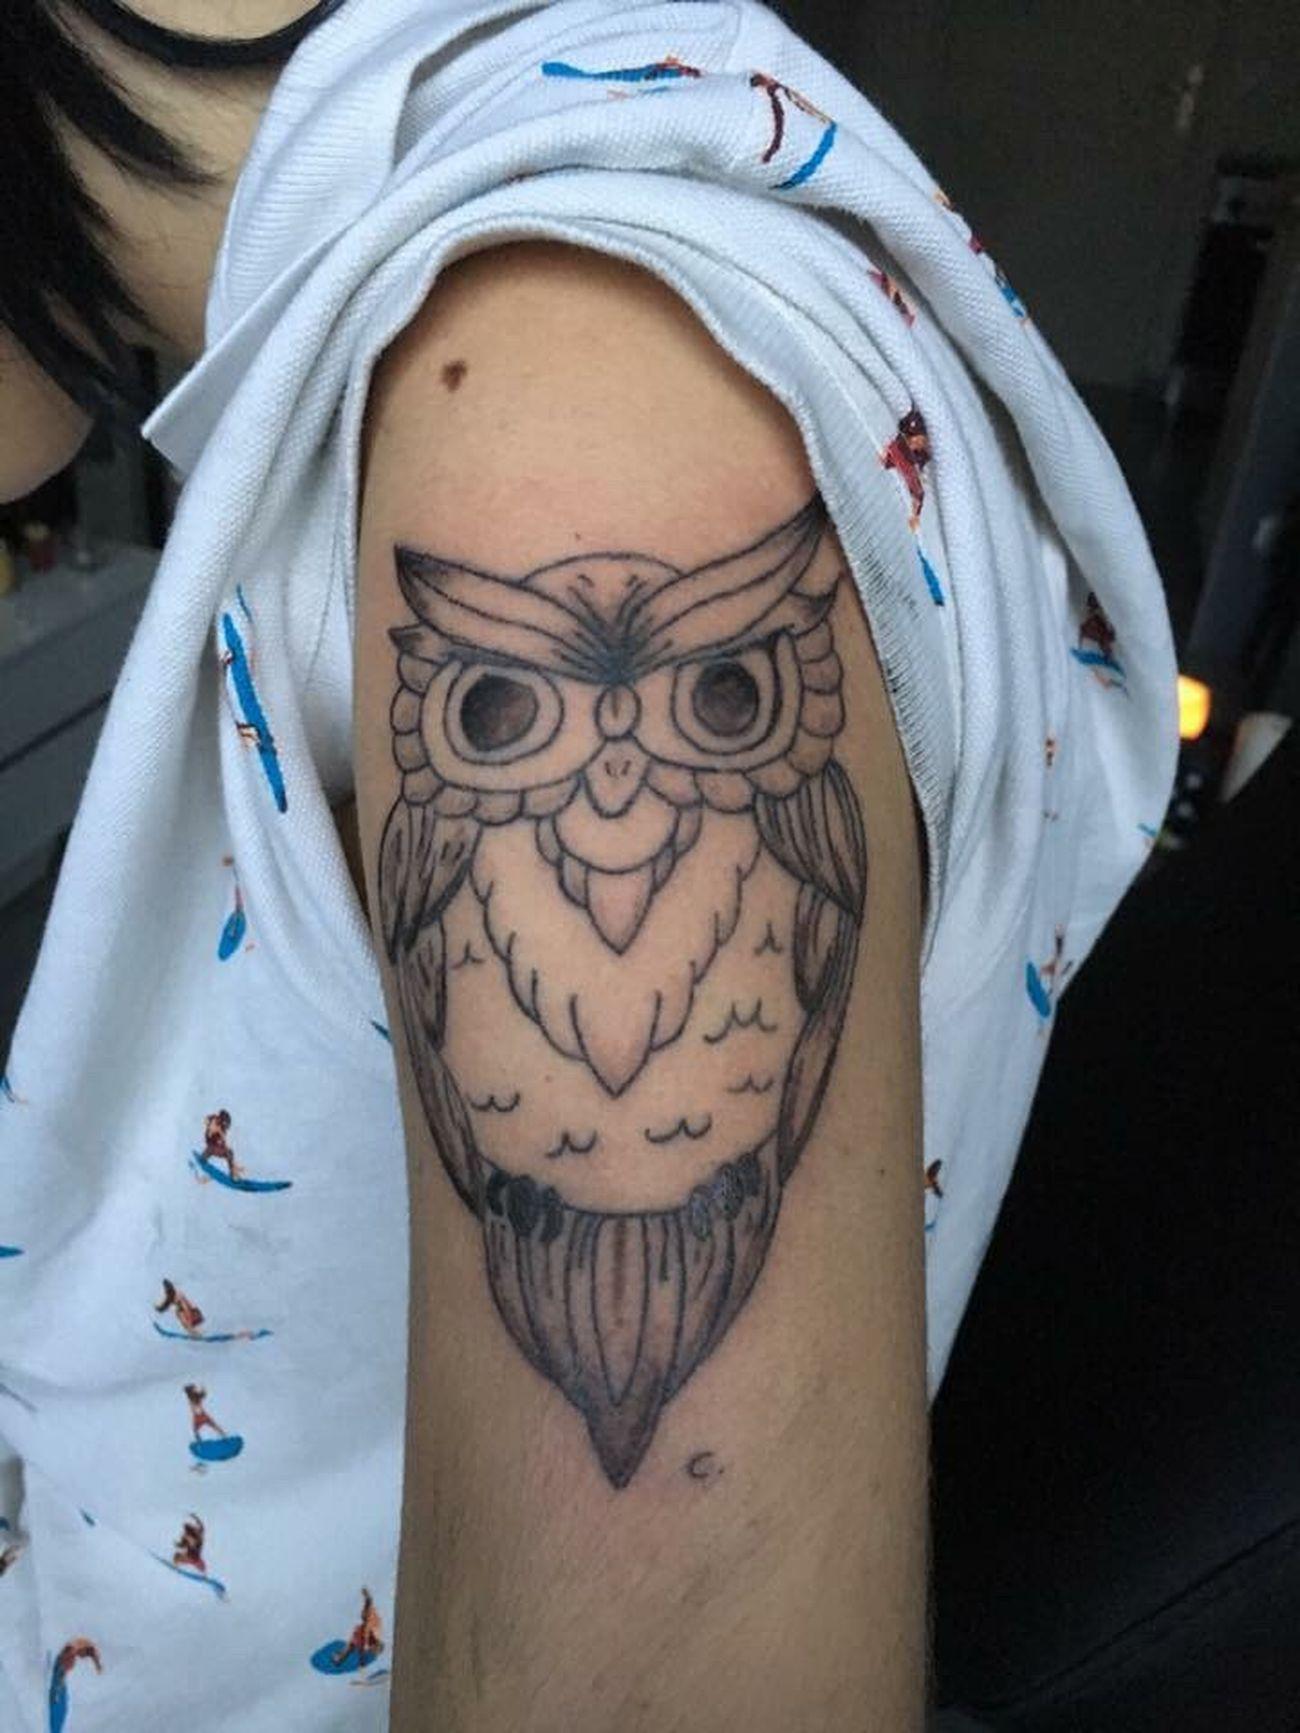 Tattoo Tattoos Blackandwhite Chouette ANIMAL TATOO